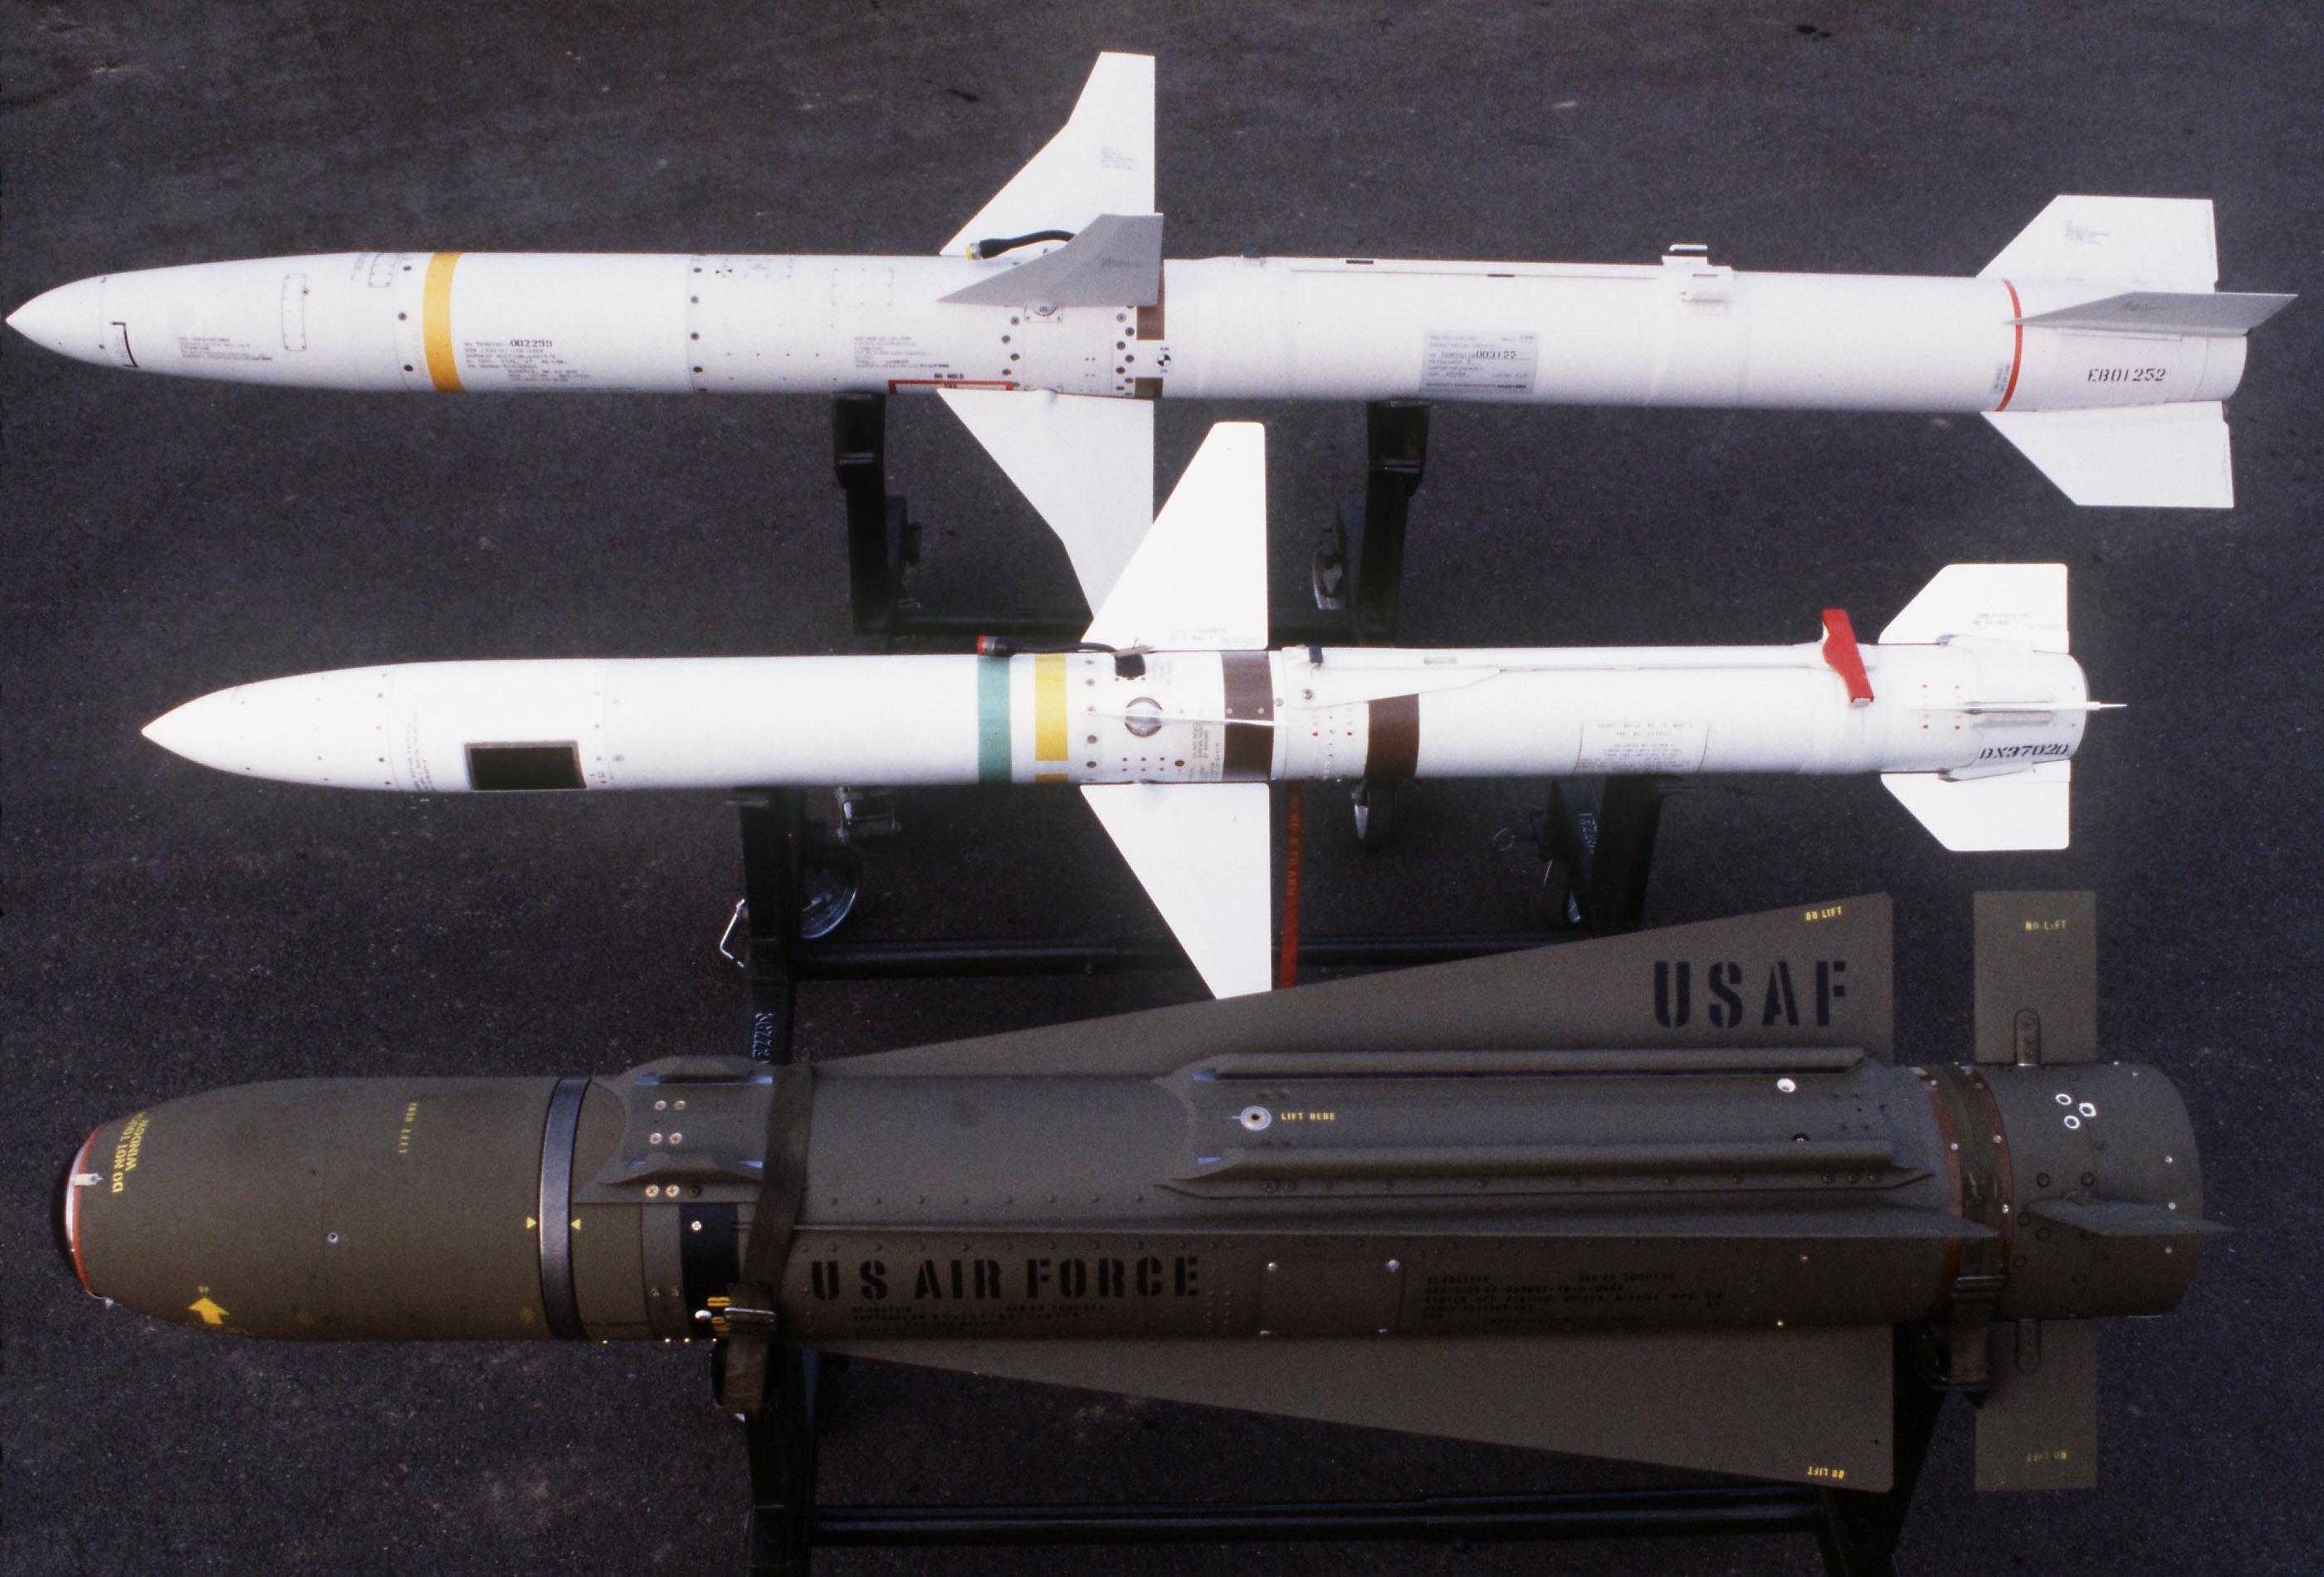 لائحة الأسلحة و الأجهزة التي تسلمتها الدول من المخزون الأمريكي - صفحة 2 AGM-88_AGM-45_and_AGM-65